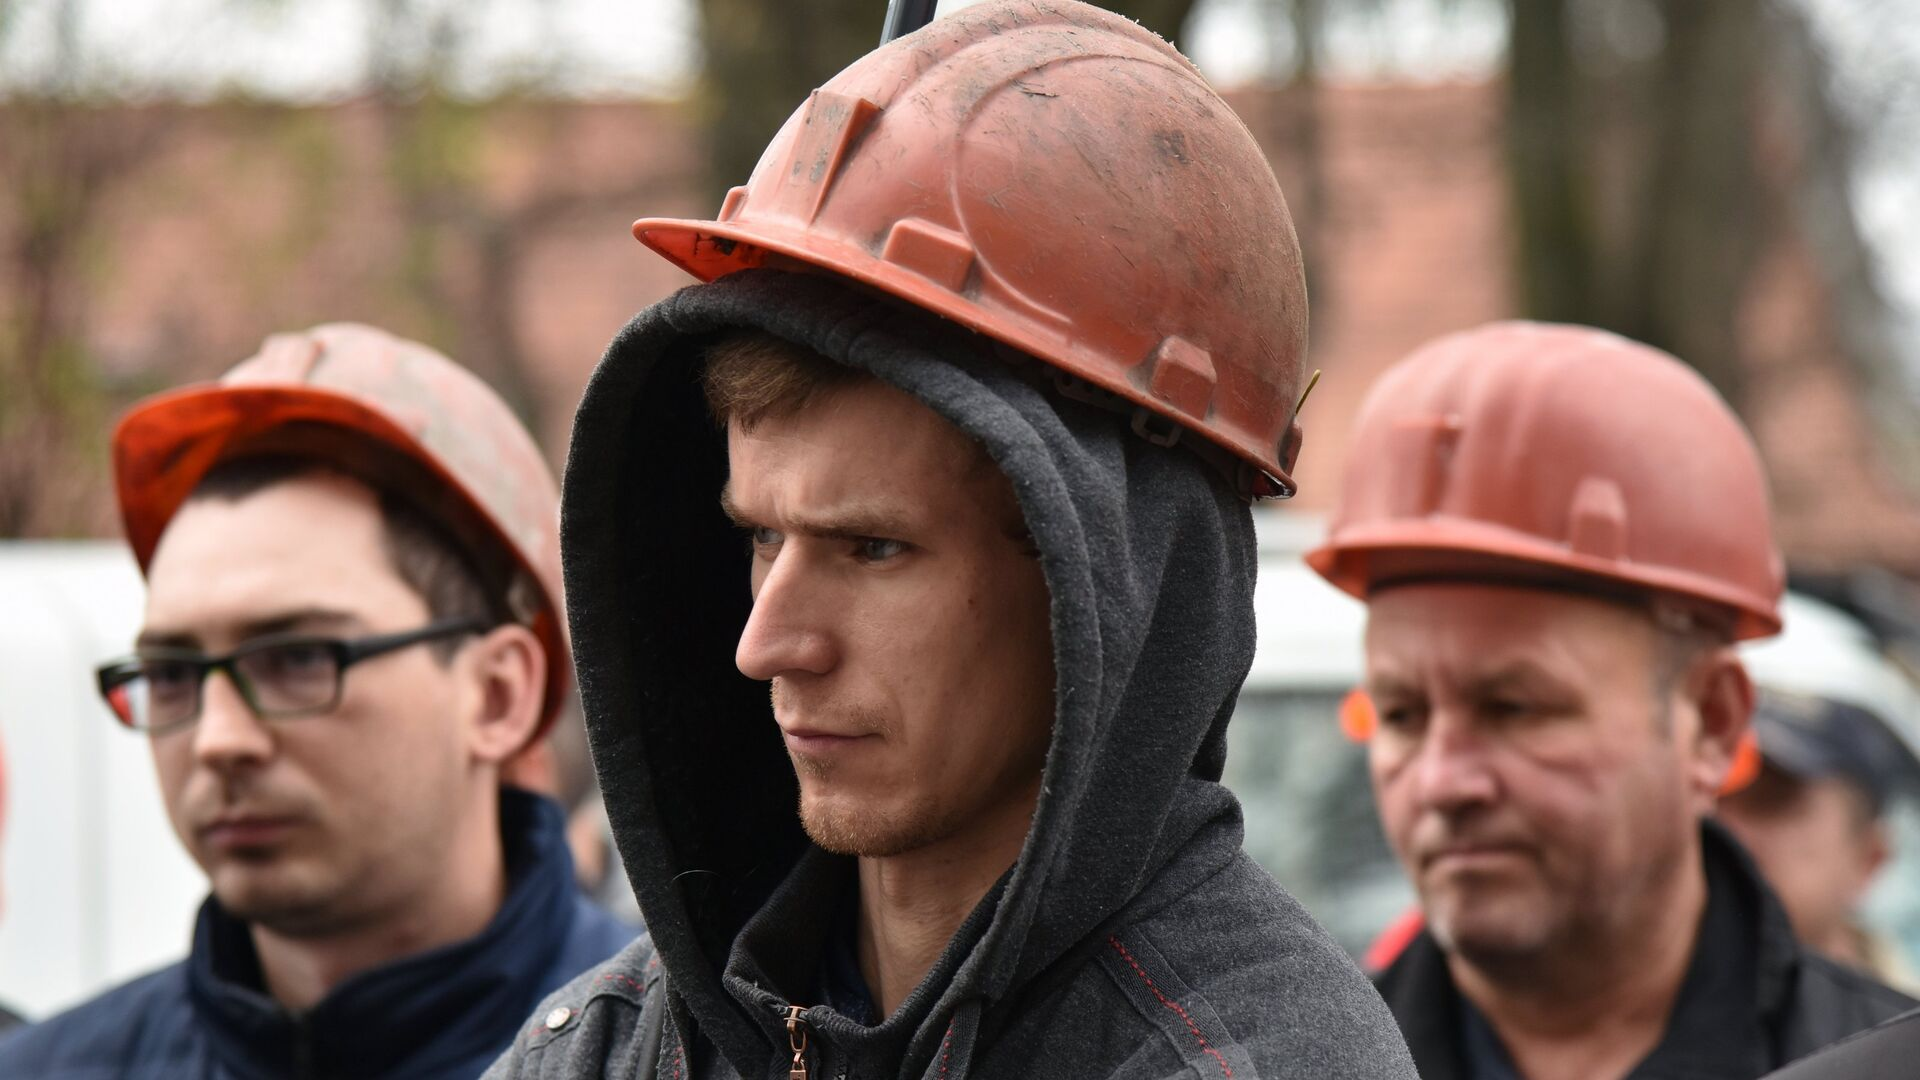 Участники акции протеста шахтеров  на одной из улиц Львова. 2 ноября 2018 - РИА Новости, 1920, 13.07.2021